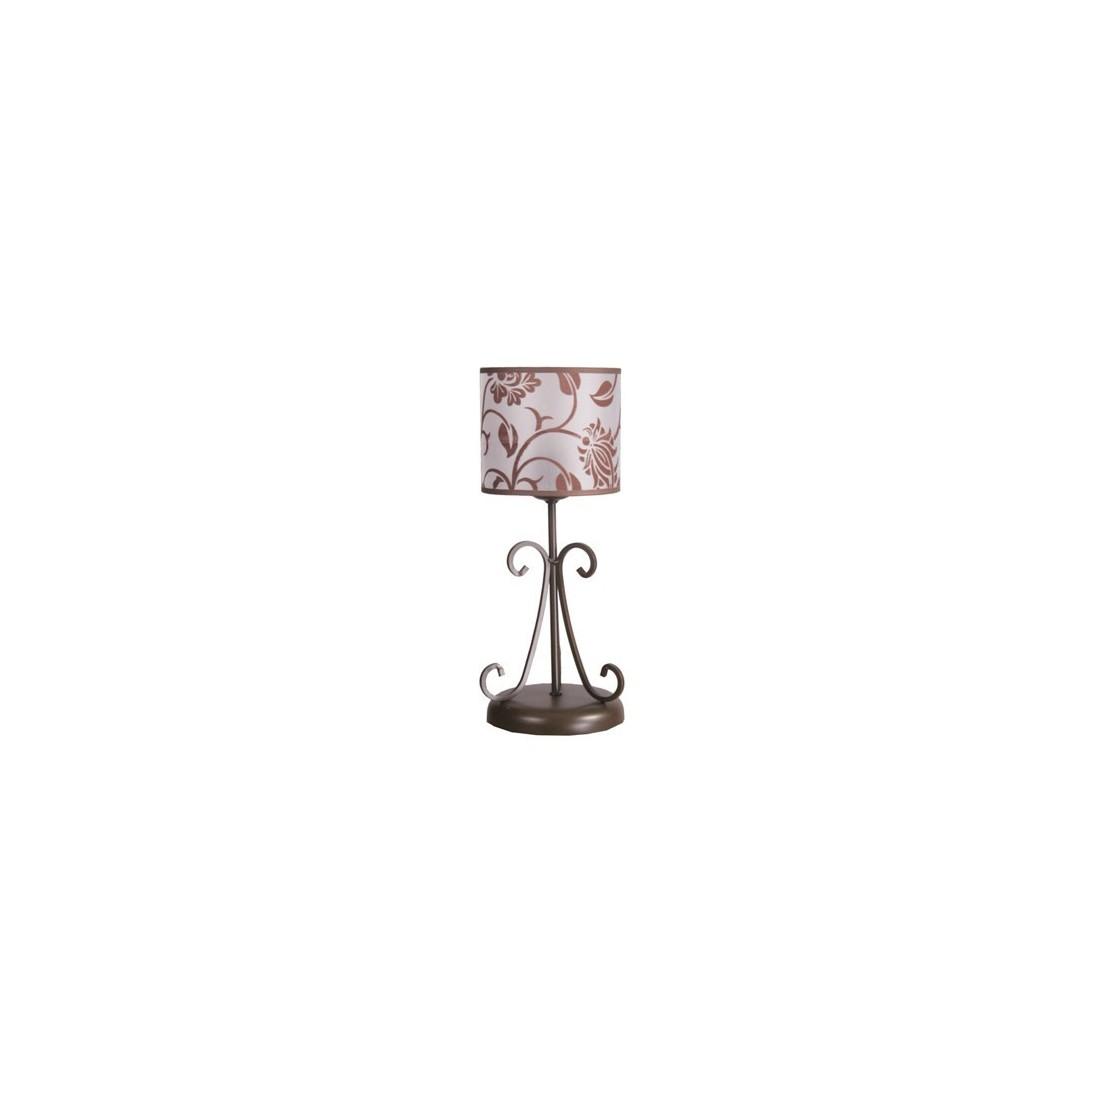 Lamparas rusticas lamparas de forja lamparas rusticas con madera